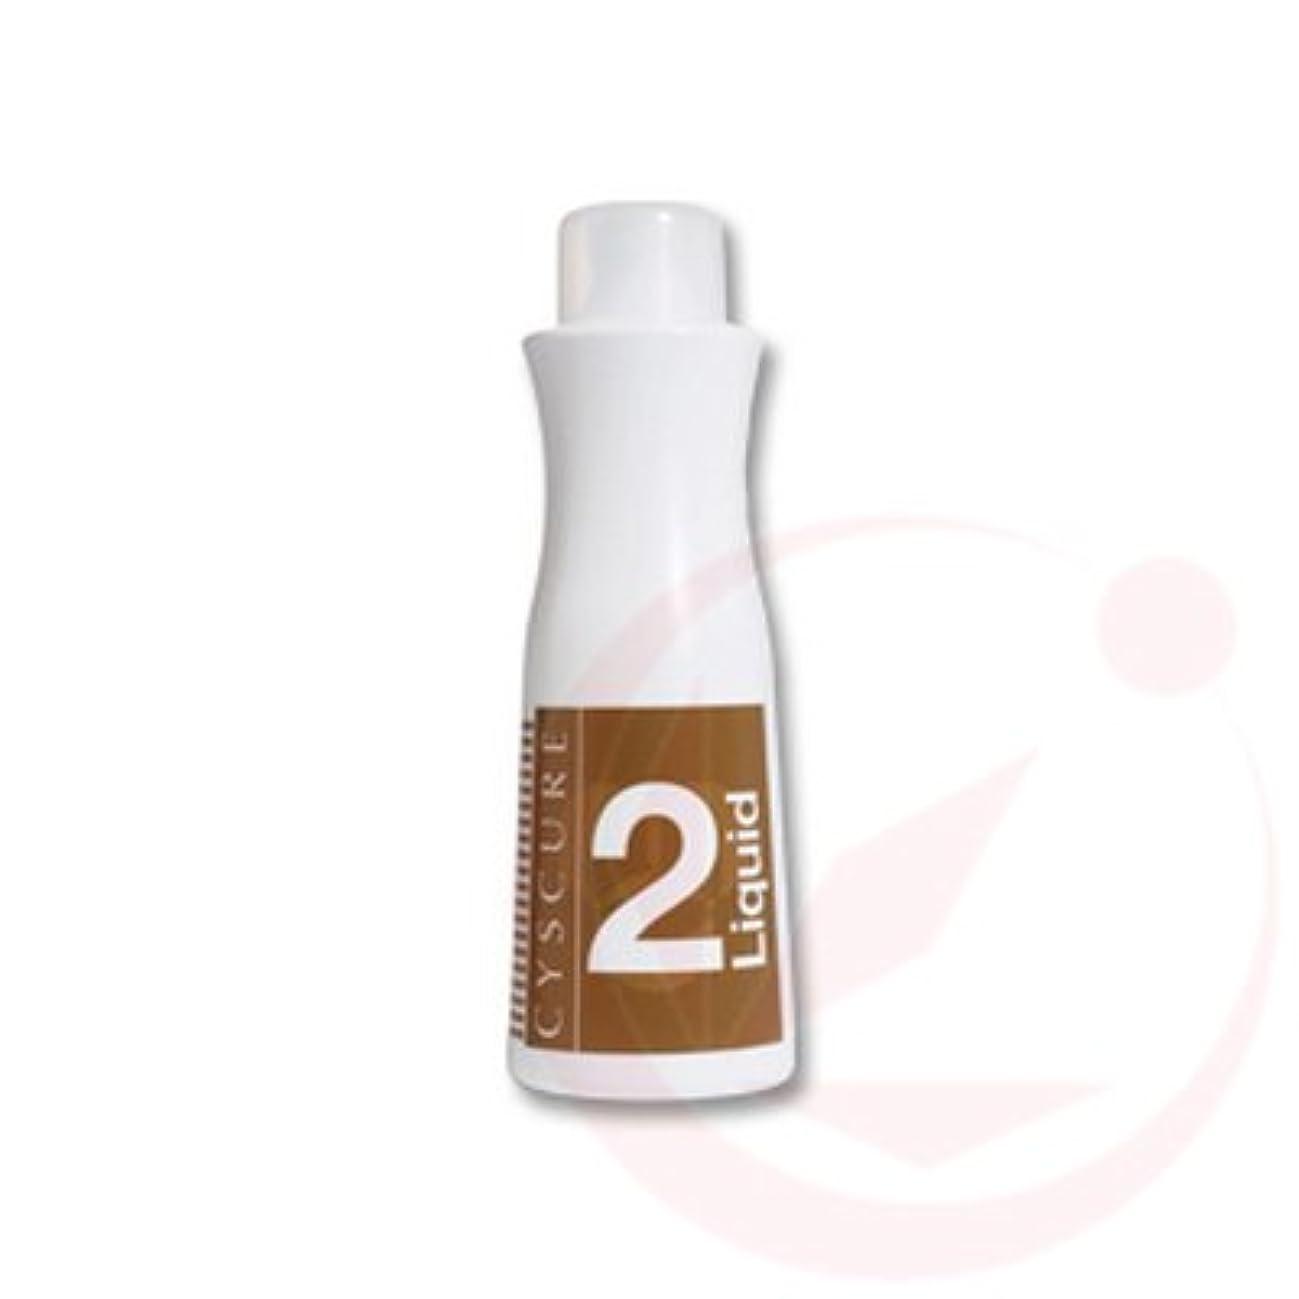 味家害虫タマリス シスキュア2リキッド 1000g (パーマ剤/2剤)